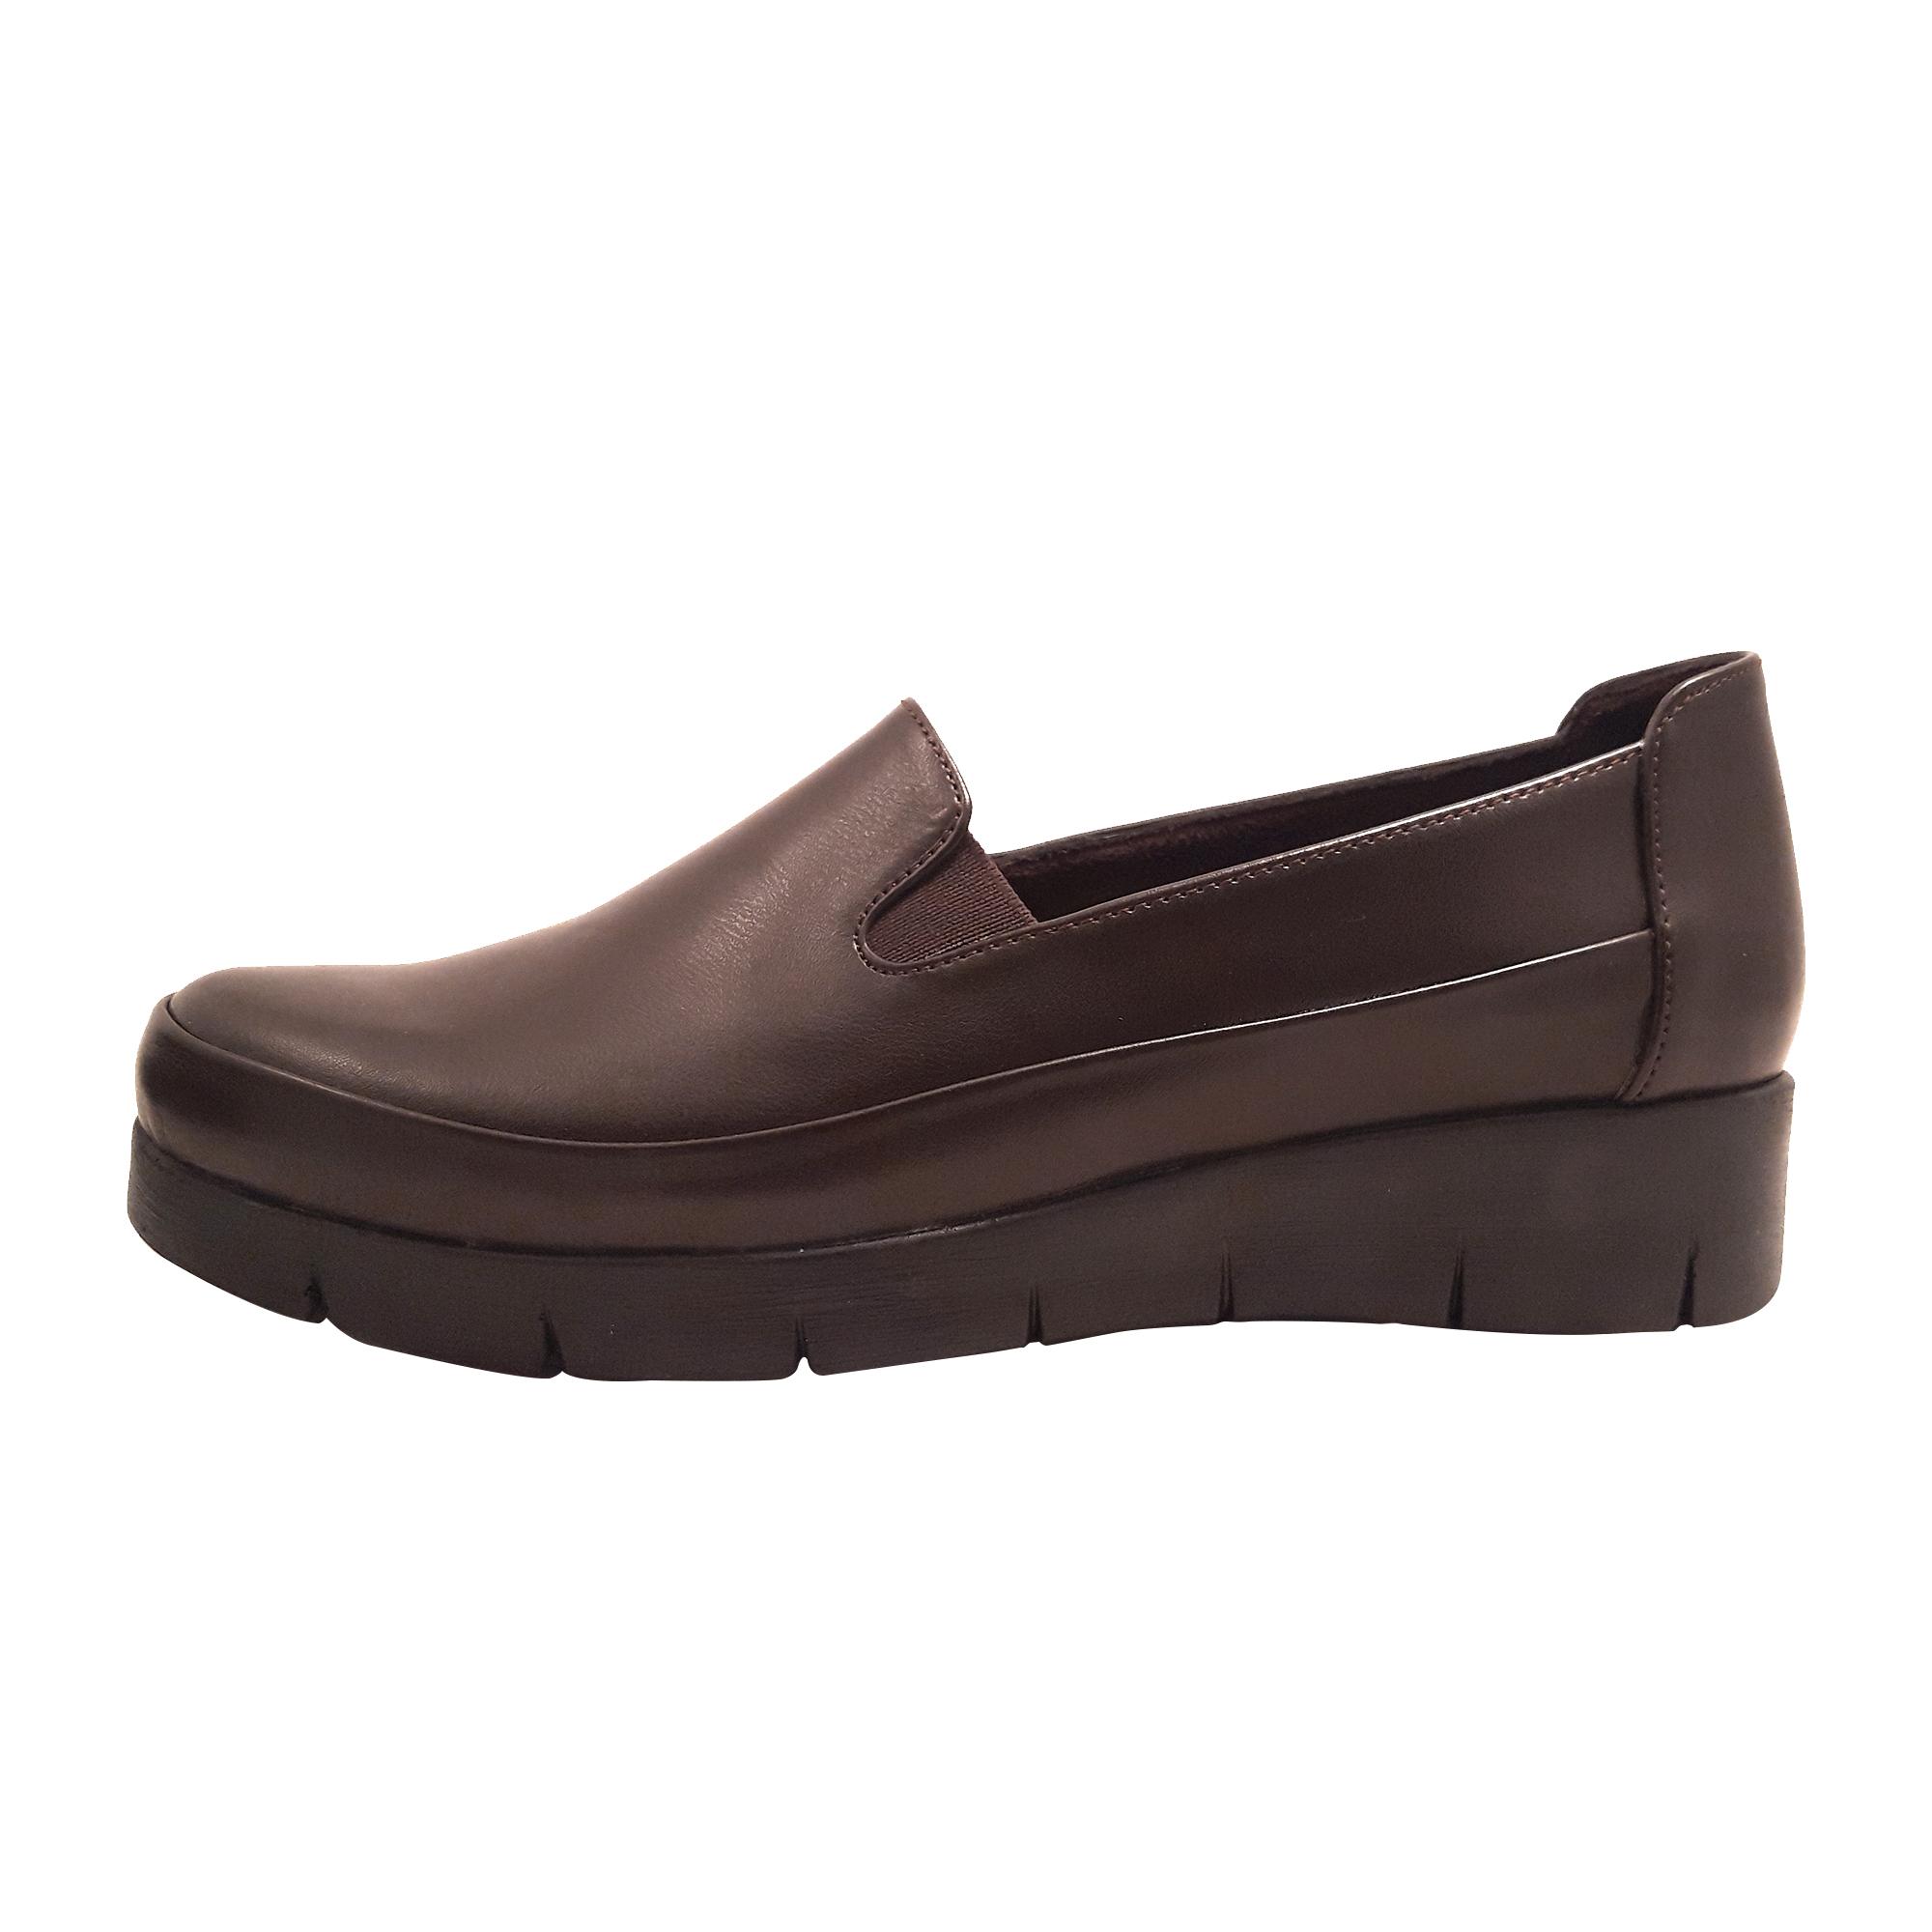 کفش زنانه پاتکان کد 602